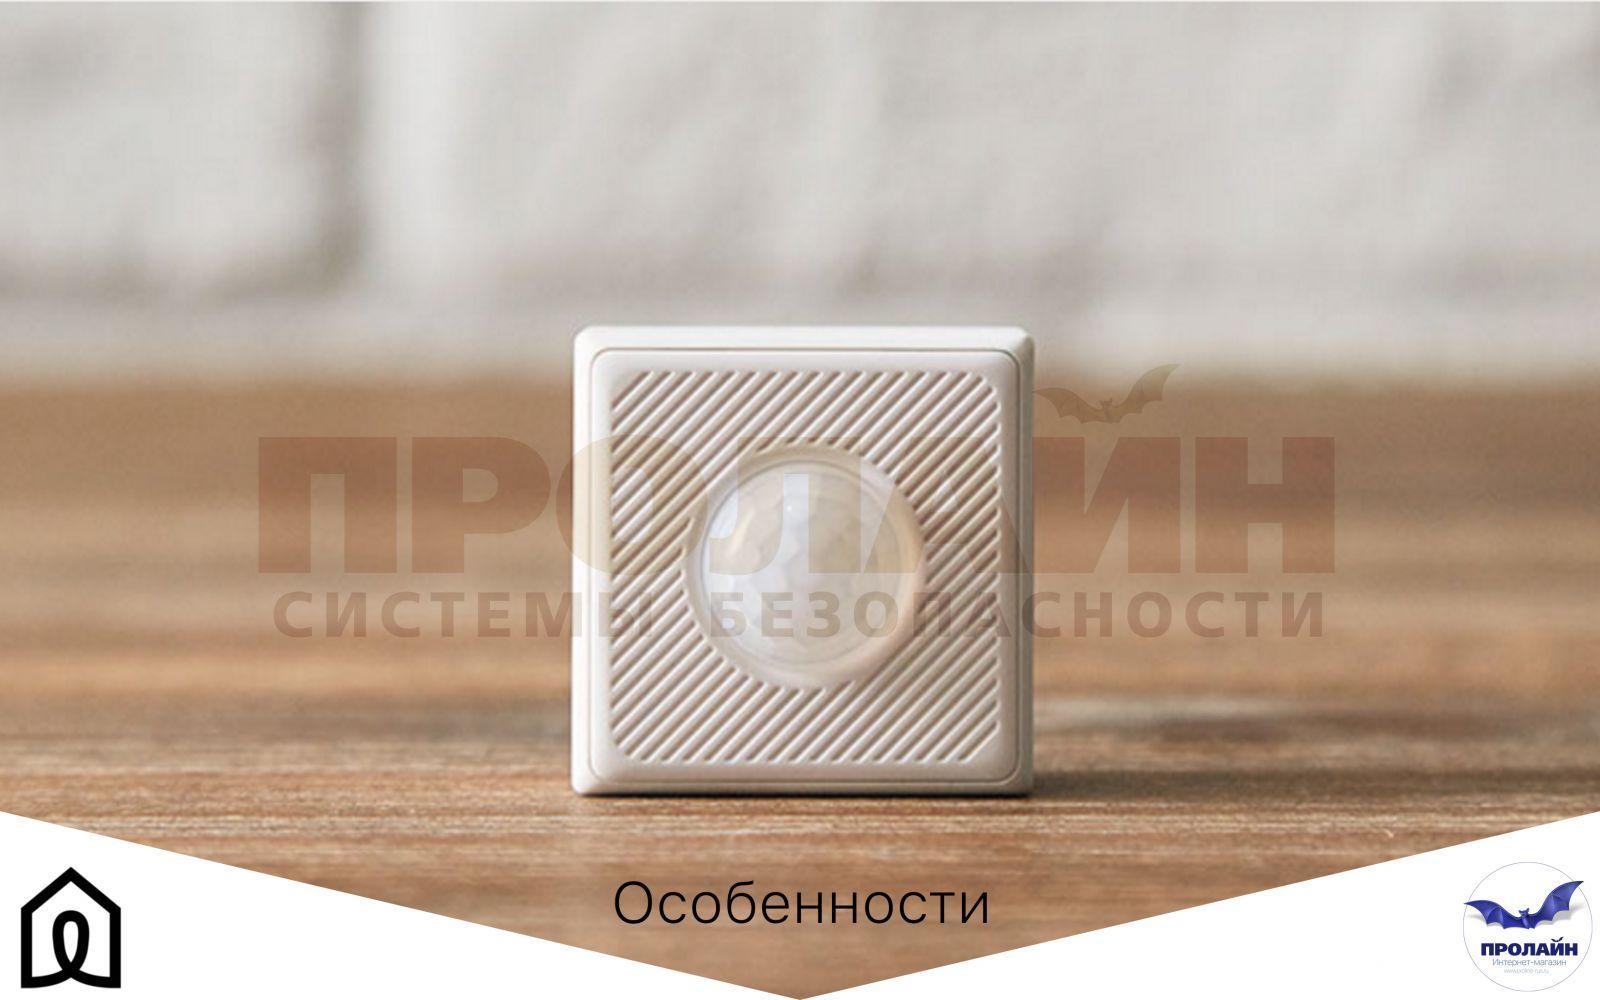 LifeSmart™ CUBE Motion Sensor LS062WH